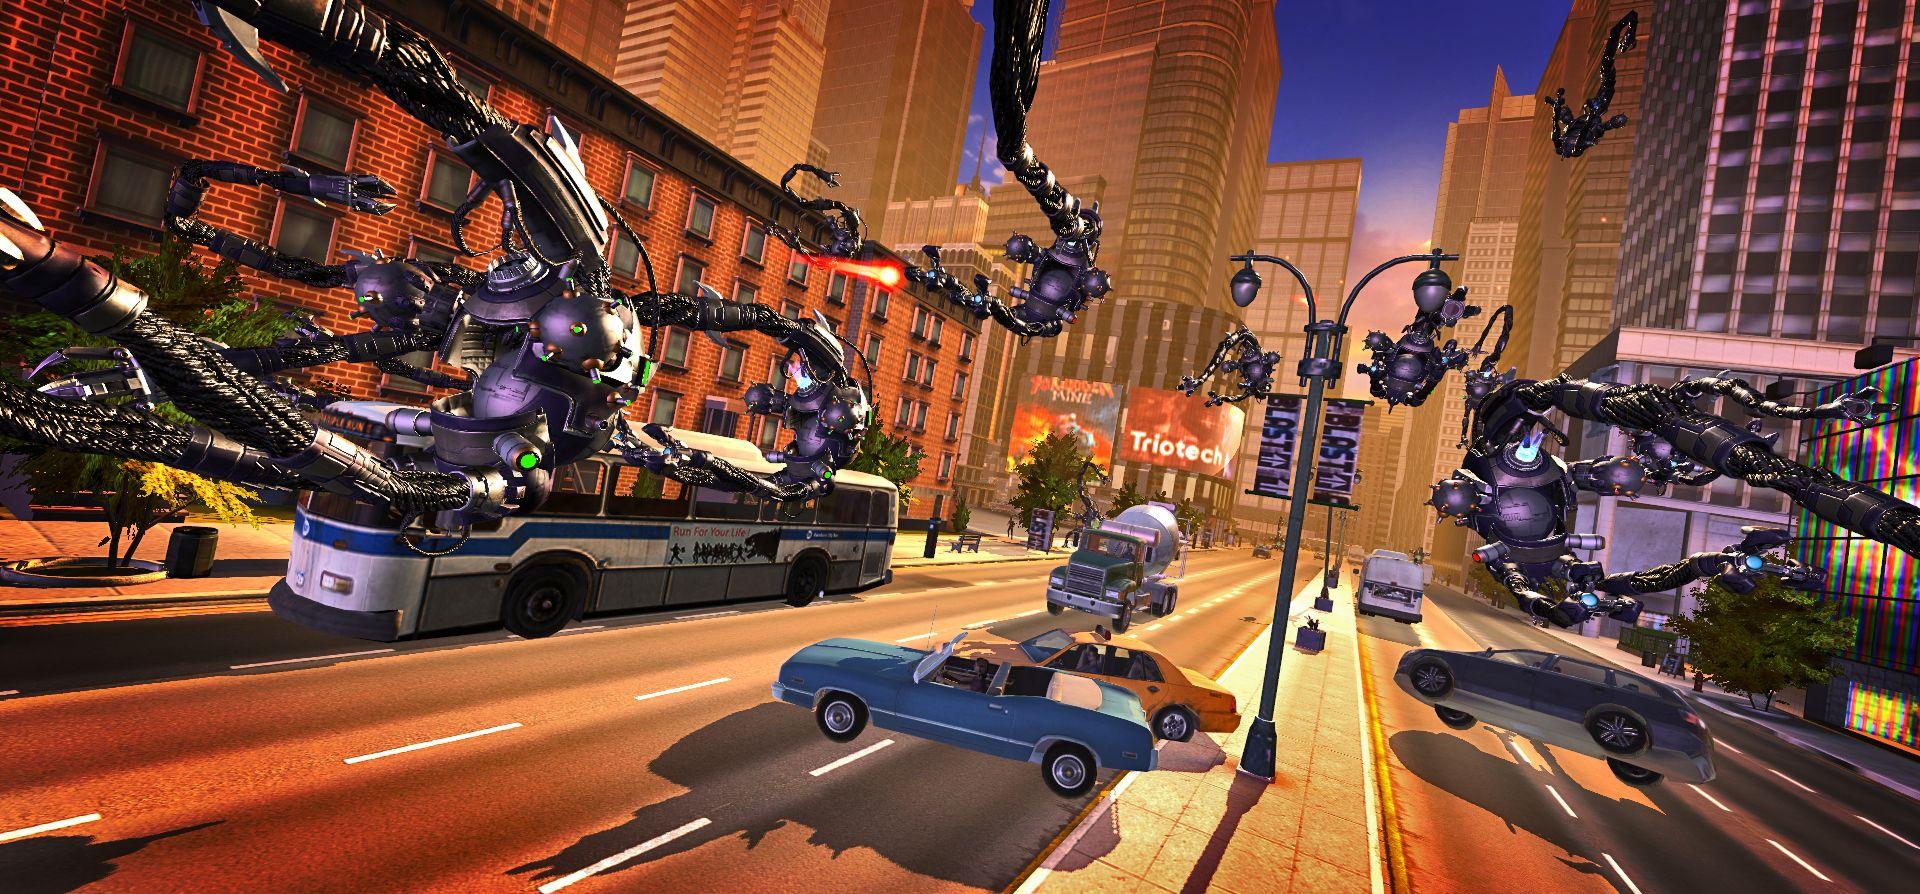 RobotRiot_Screenshot_03